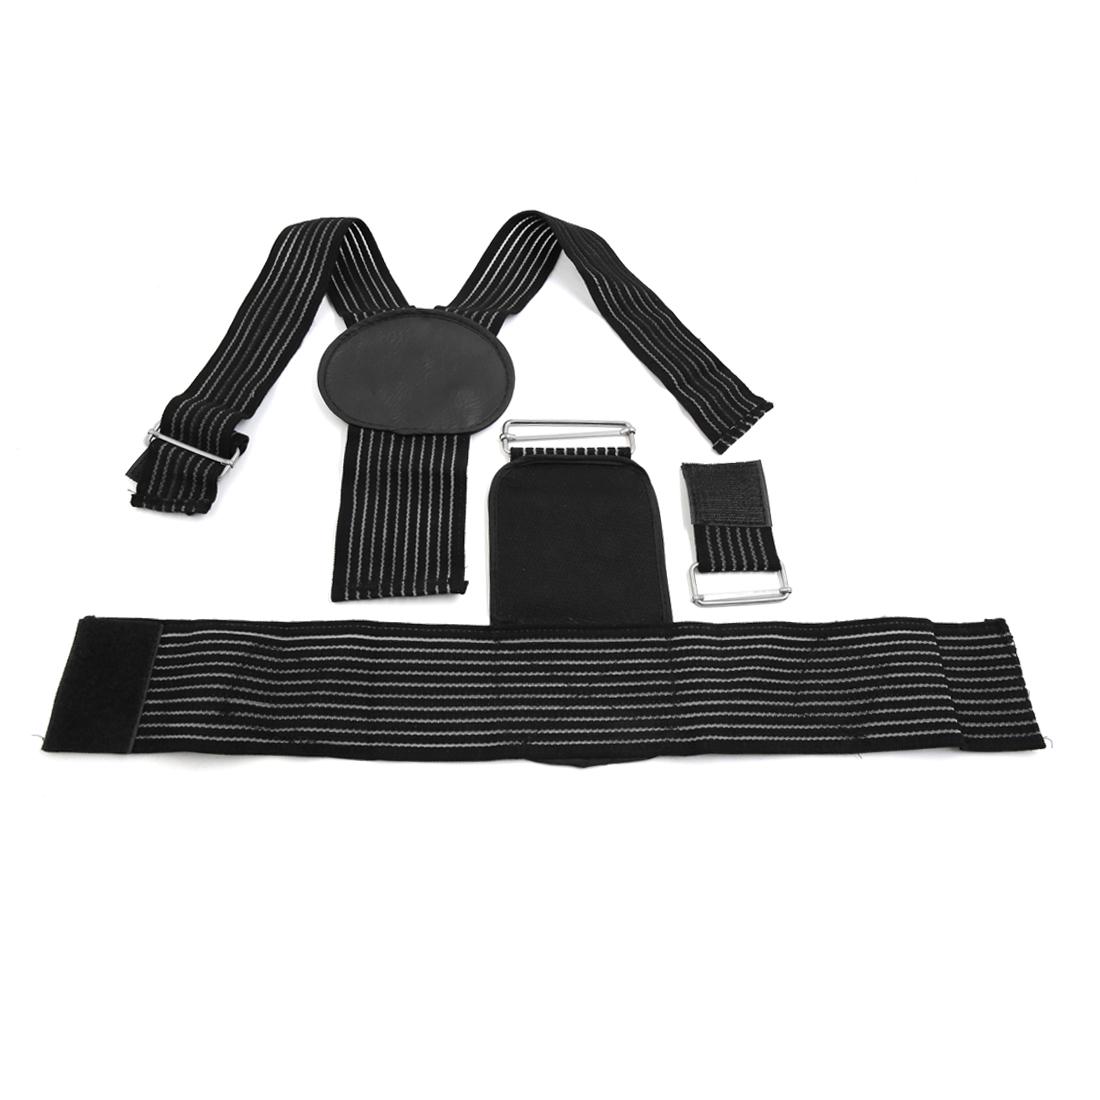 Unisex Black Adjustable Posture Correction Waist Body Back Shoulder Support Straighten Belt Brace